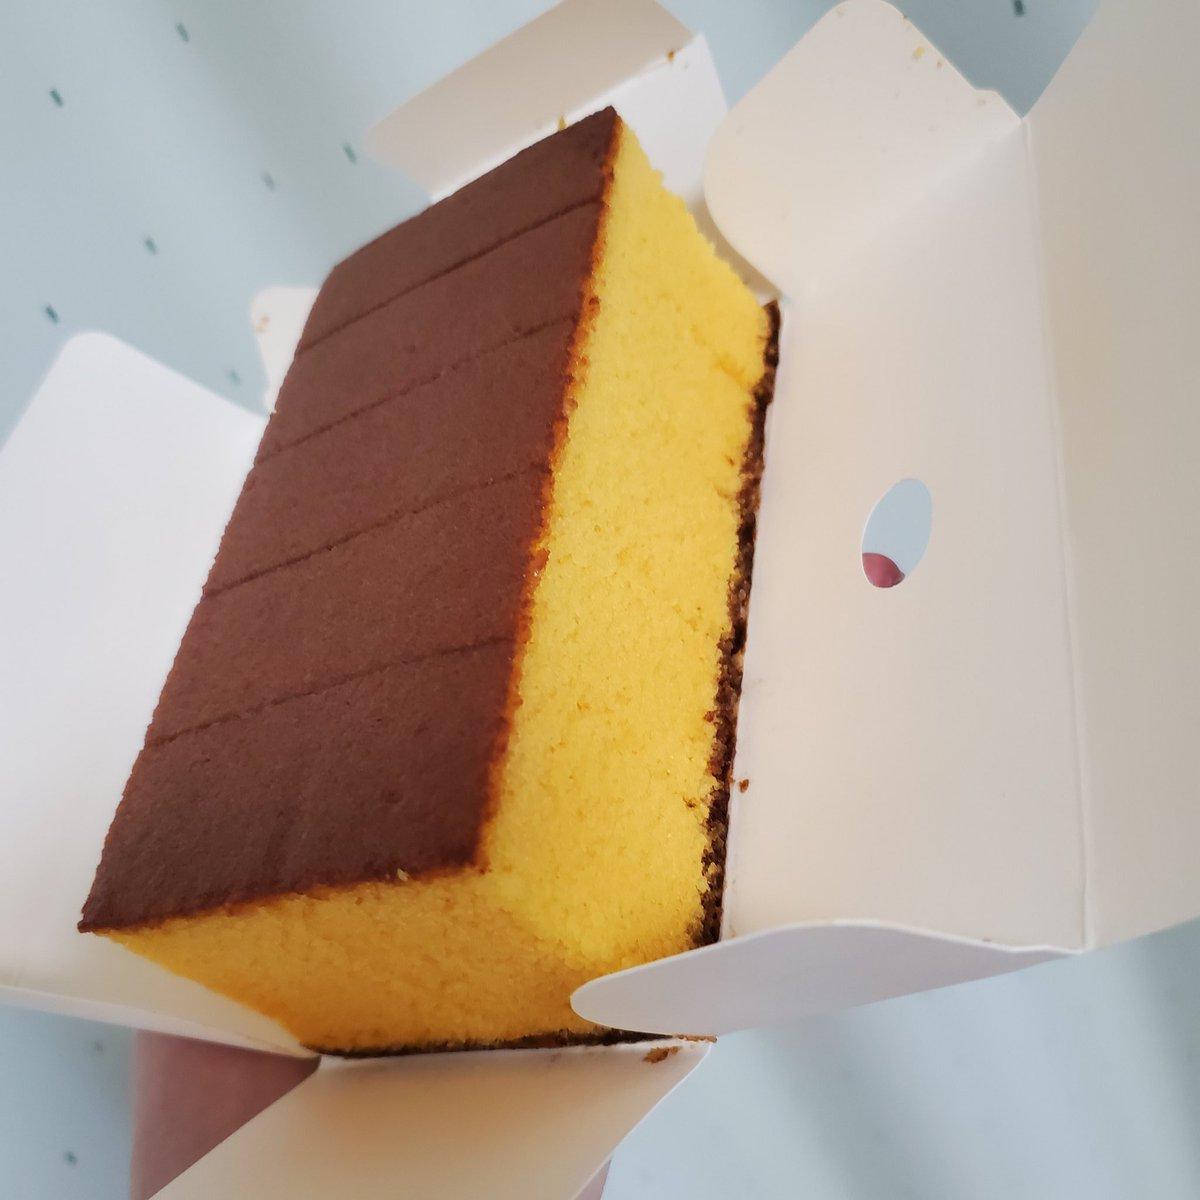 test ツイッターメディア - こんにちはー☀️ こちら、無加工なんです…  『松翁軒の五味焼』  こんなに鮮やかな黄色カステラで初めてみました…! ブラウンと明るいイエロー…。 まるで、いや、これは、確実にピカチュウですな!(笑)  美味しいもの、好きなもの食べて幸せにお過ごしくださいませー!  みなさま、よき1日をー! https://t.co/NJQHAJIMf1